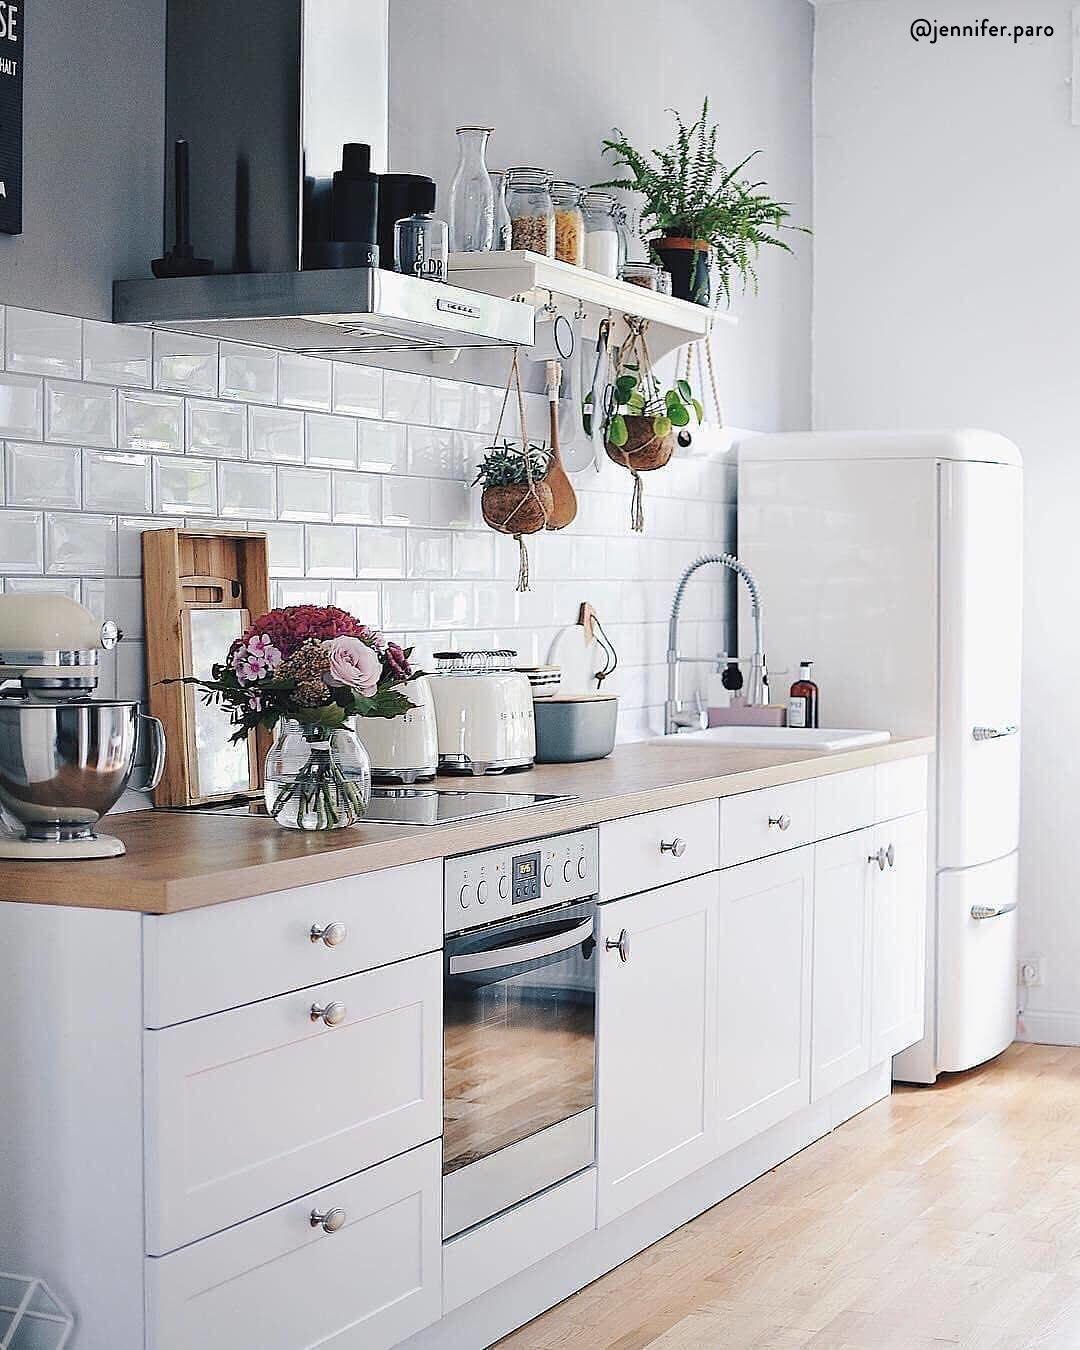 Accessori Cucina Moderna.Cucina Moderna Con Un Tocco Rustico Il Bianco Ed Il Legno